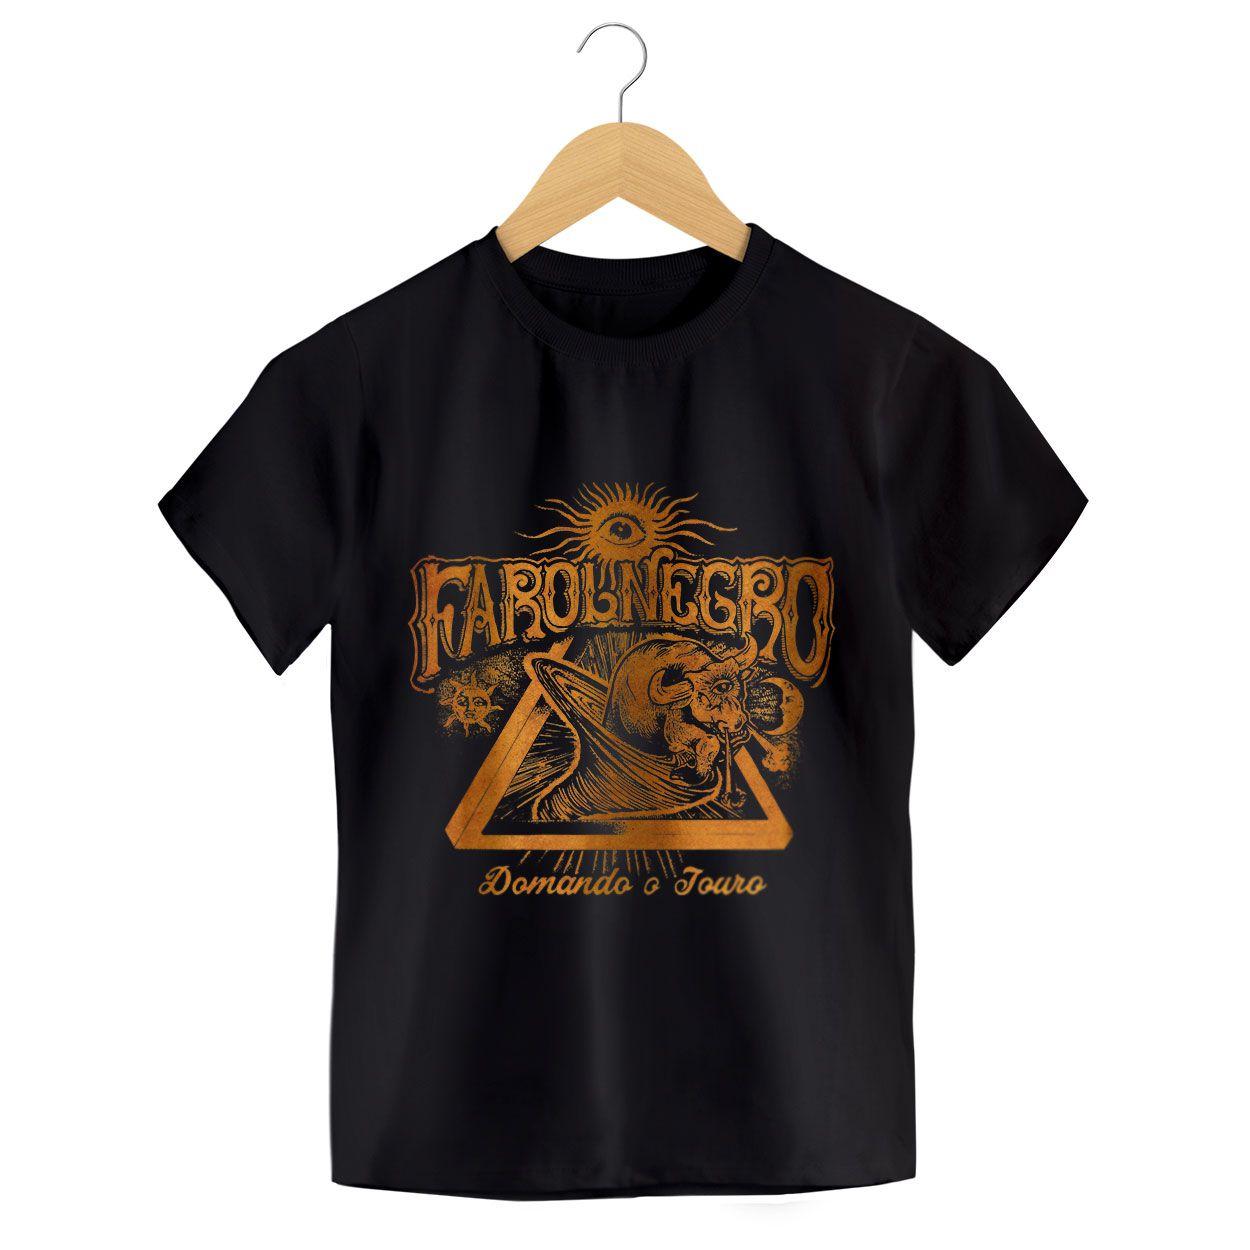 Camiseta - Domando o Touro - Farol Negro - Infantil